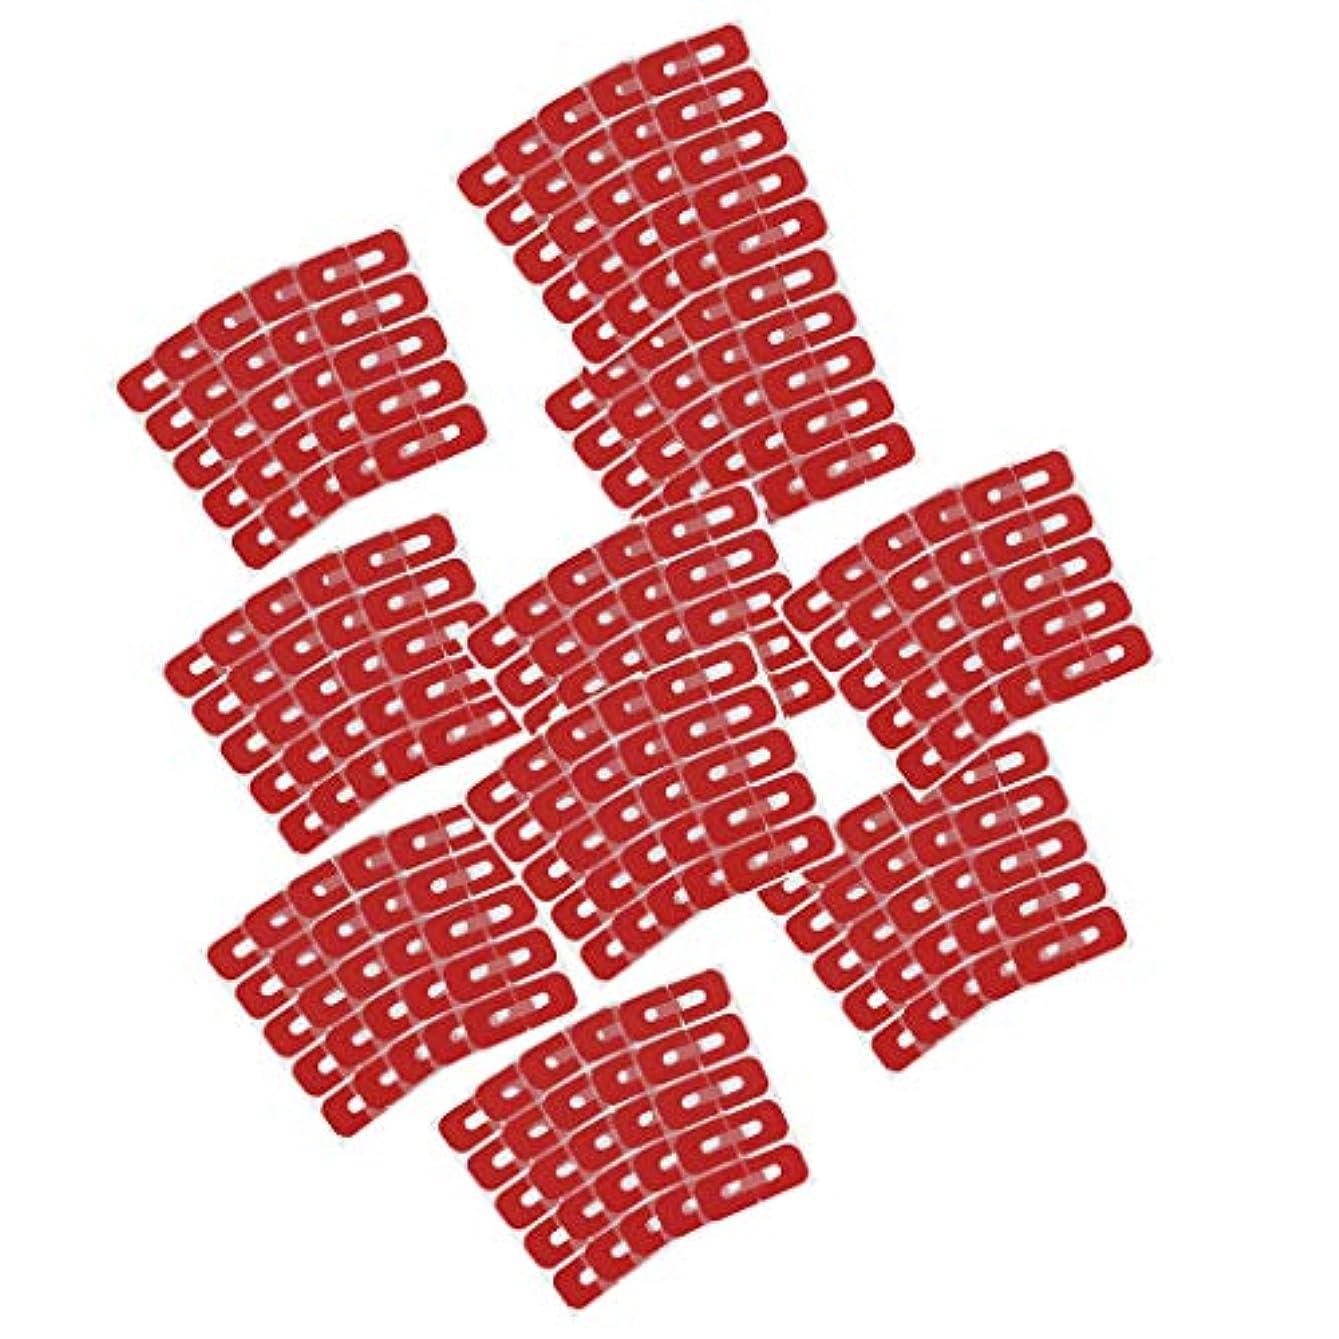 フレット人種着服Injoyo ネイルカバー はみ出し防止 剥離テープ ネイルプロテクター 流出防止 ネイルサロン 全50点